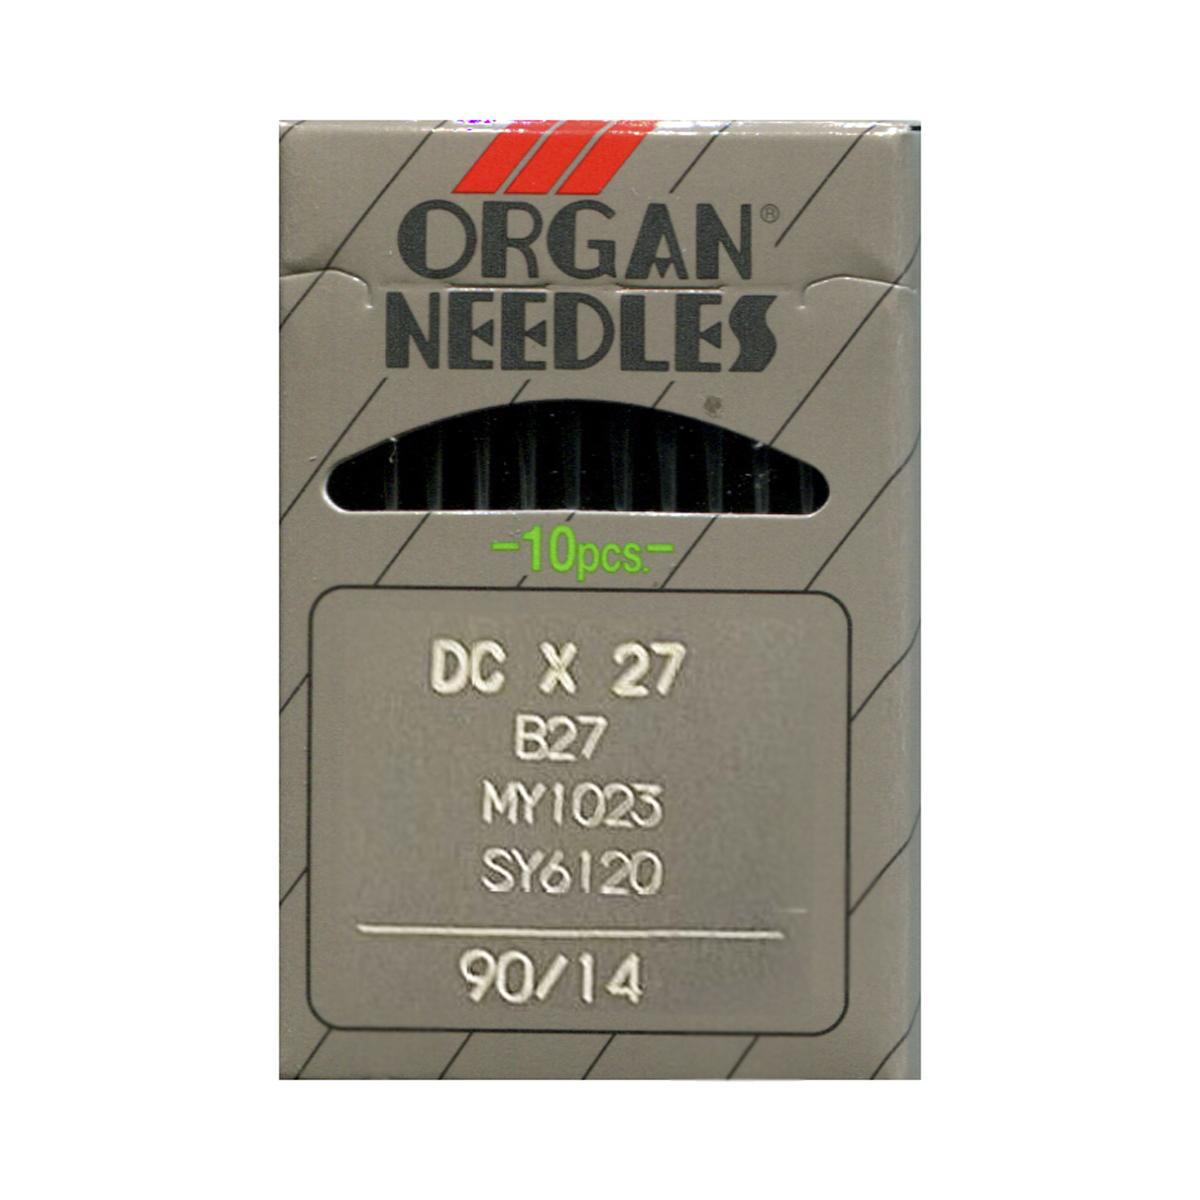 Иглы для промышленных швейных машин Organ, DCx27/90, 10 шт162267Иглы для промышленных швейных машин Organ с маркировкой DCx27 предназначены для оверлочных швейных машин. Иглы используются для пошива всех видов тканей. Острие игл тонкое, стандартное.Предназначены для оверлоков 51, 208 класса, их модификаций и импортных аналогов. В промышленных машинах используются иглы с круглыми колбами, в отличие от игл бытовых машин, у которых колбы плоские. Круглая колба позволяет при наладке машины и установке иглы поворачивать (вращать) иглу, закрепляя ее в нужном положении. Диаметр колбы: 2,02 мм. Длина иглы: 28,6 мм. Номер игл: 90.